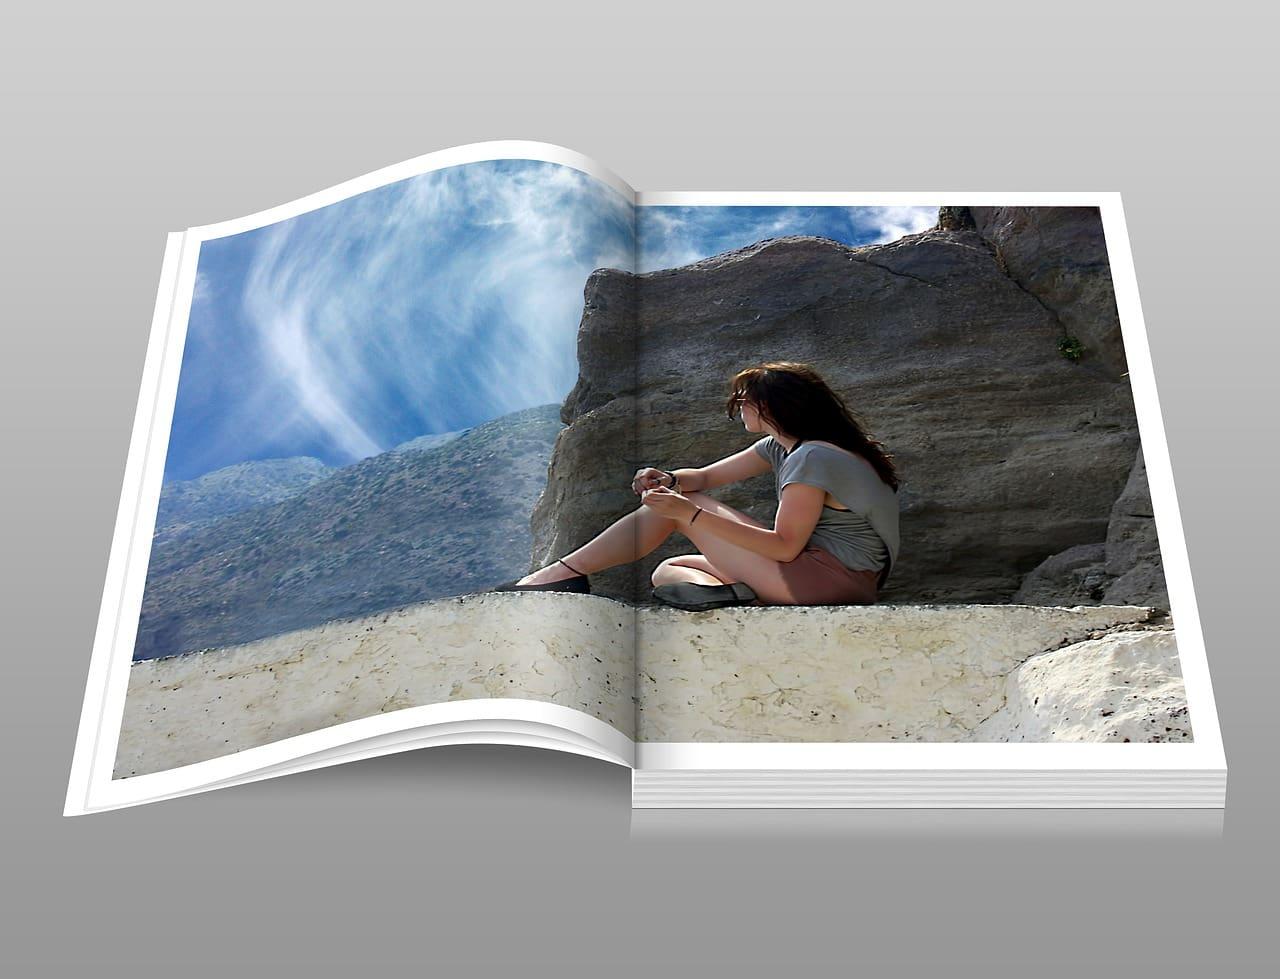 книга куда поехать в путешествие